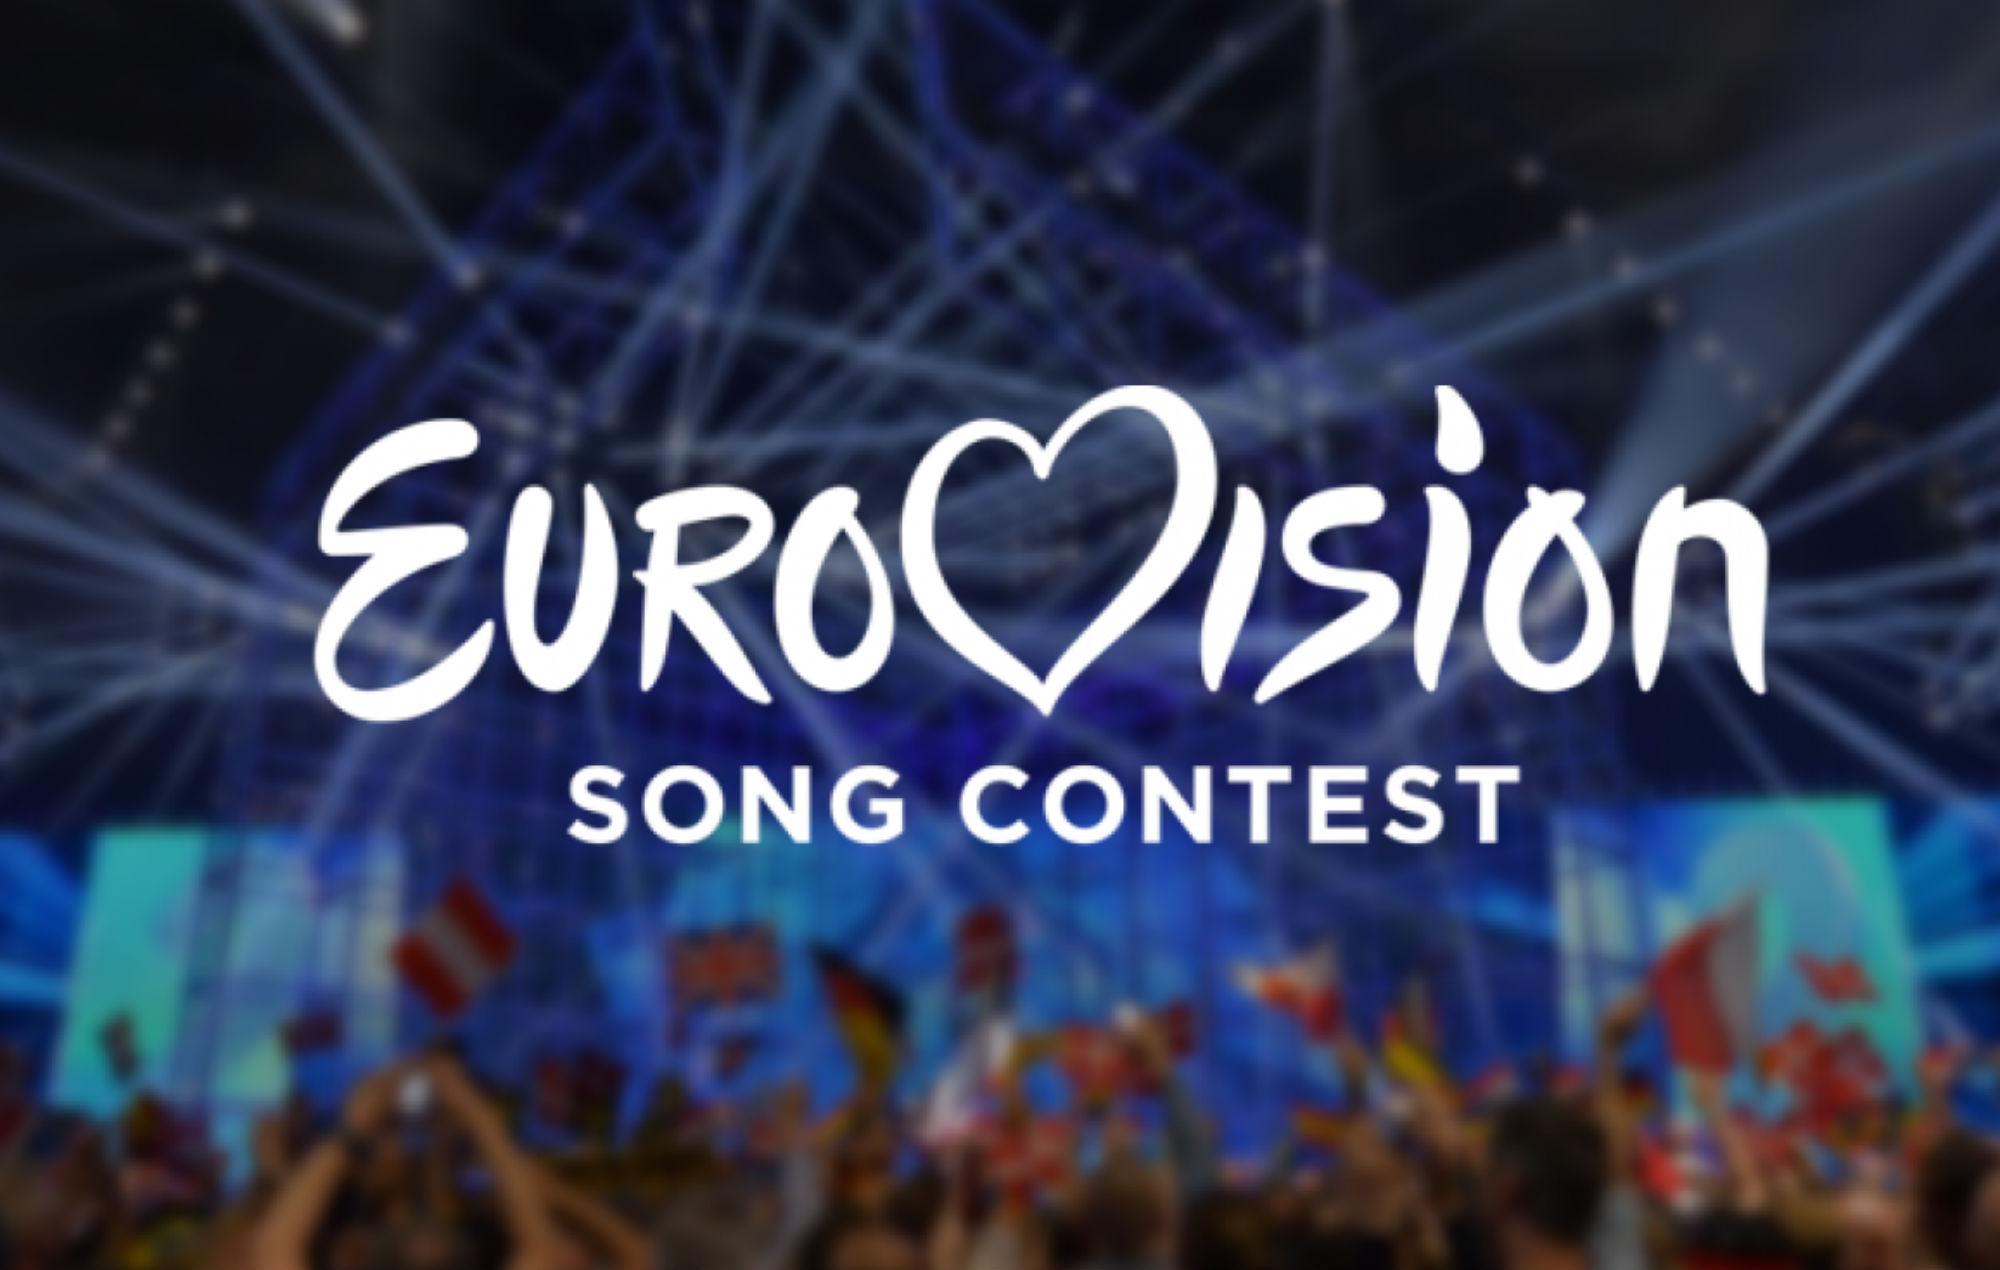 Είναι επίσημο! Αυτή η τραγουδίστρια θα εκπροσωπήσει την Κύπρο